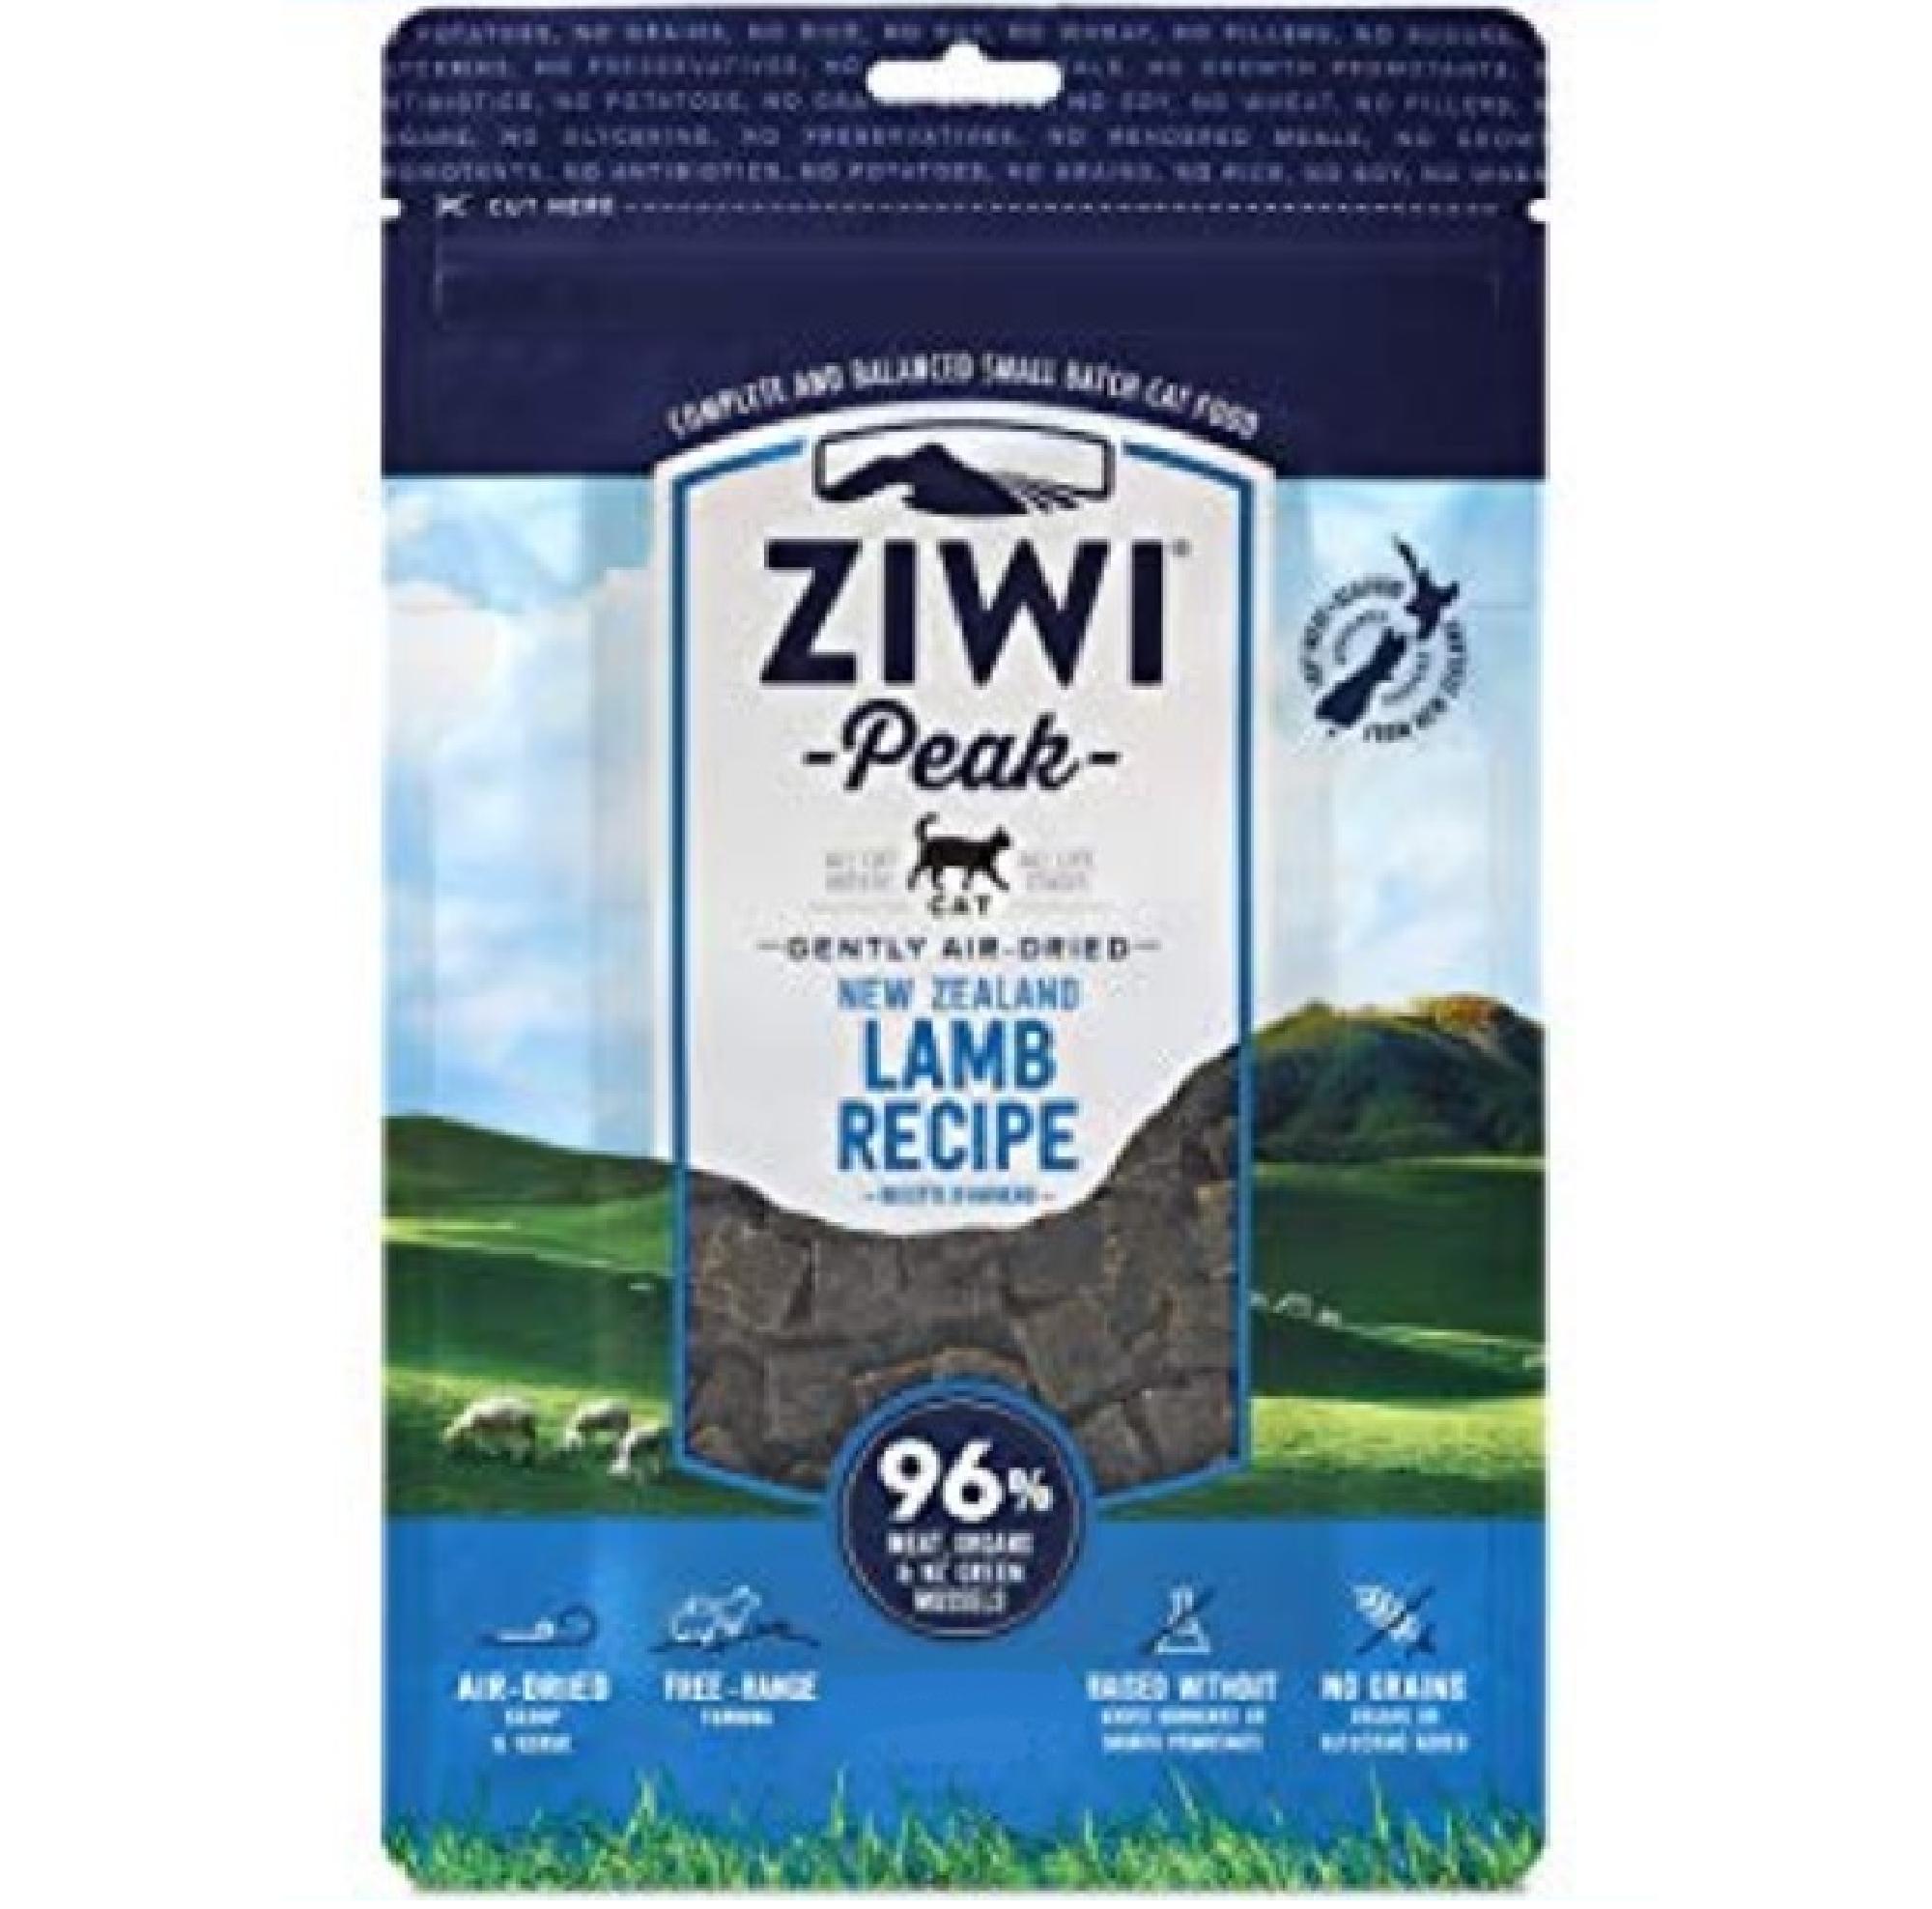 Ziwi Peak Cat Air-Dried Lamb 1kg KORT DATUM